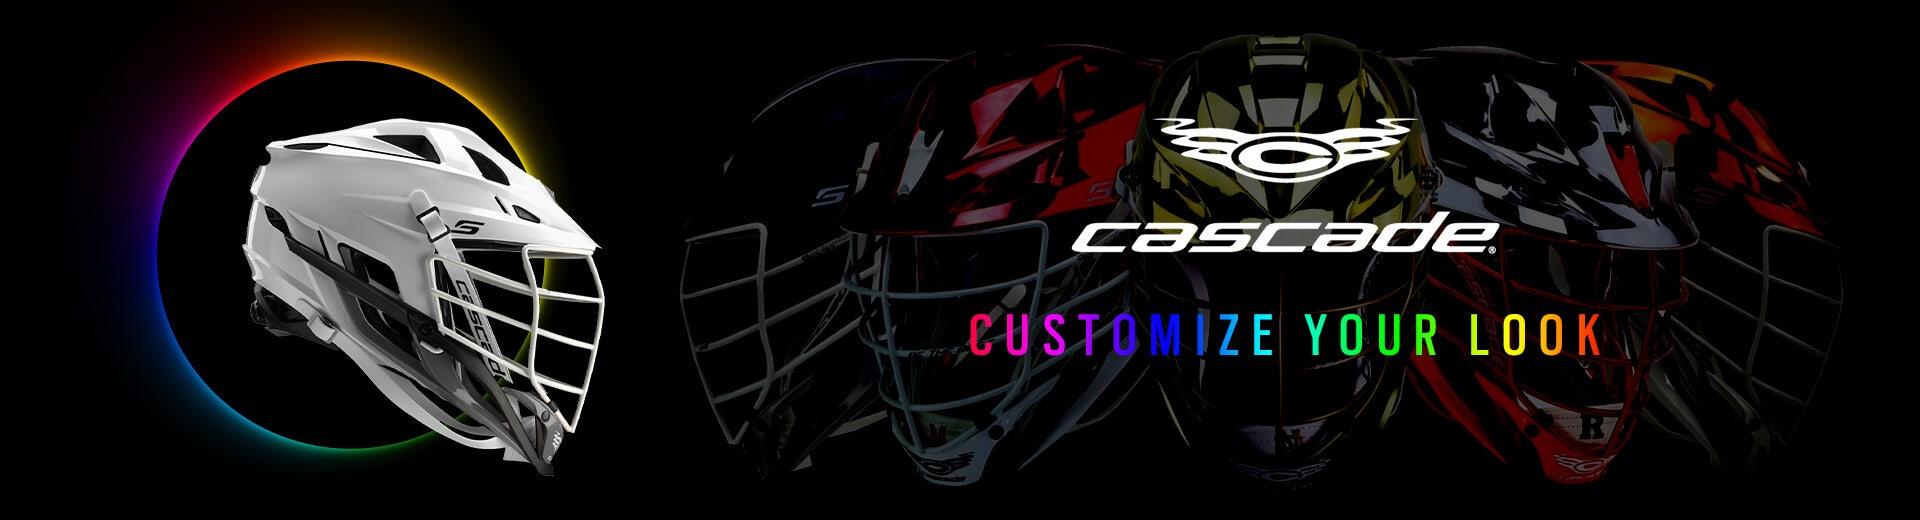 Cascade S Helmet - DESKTOP